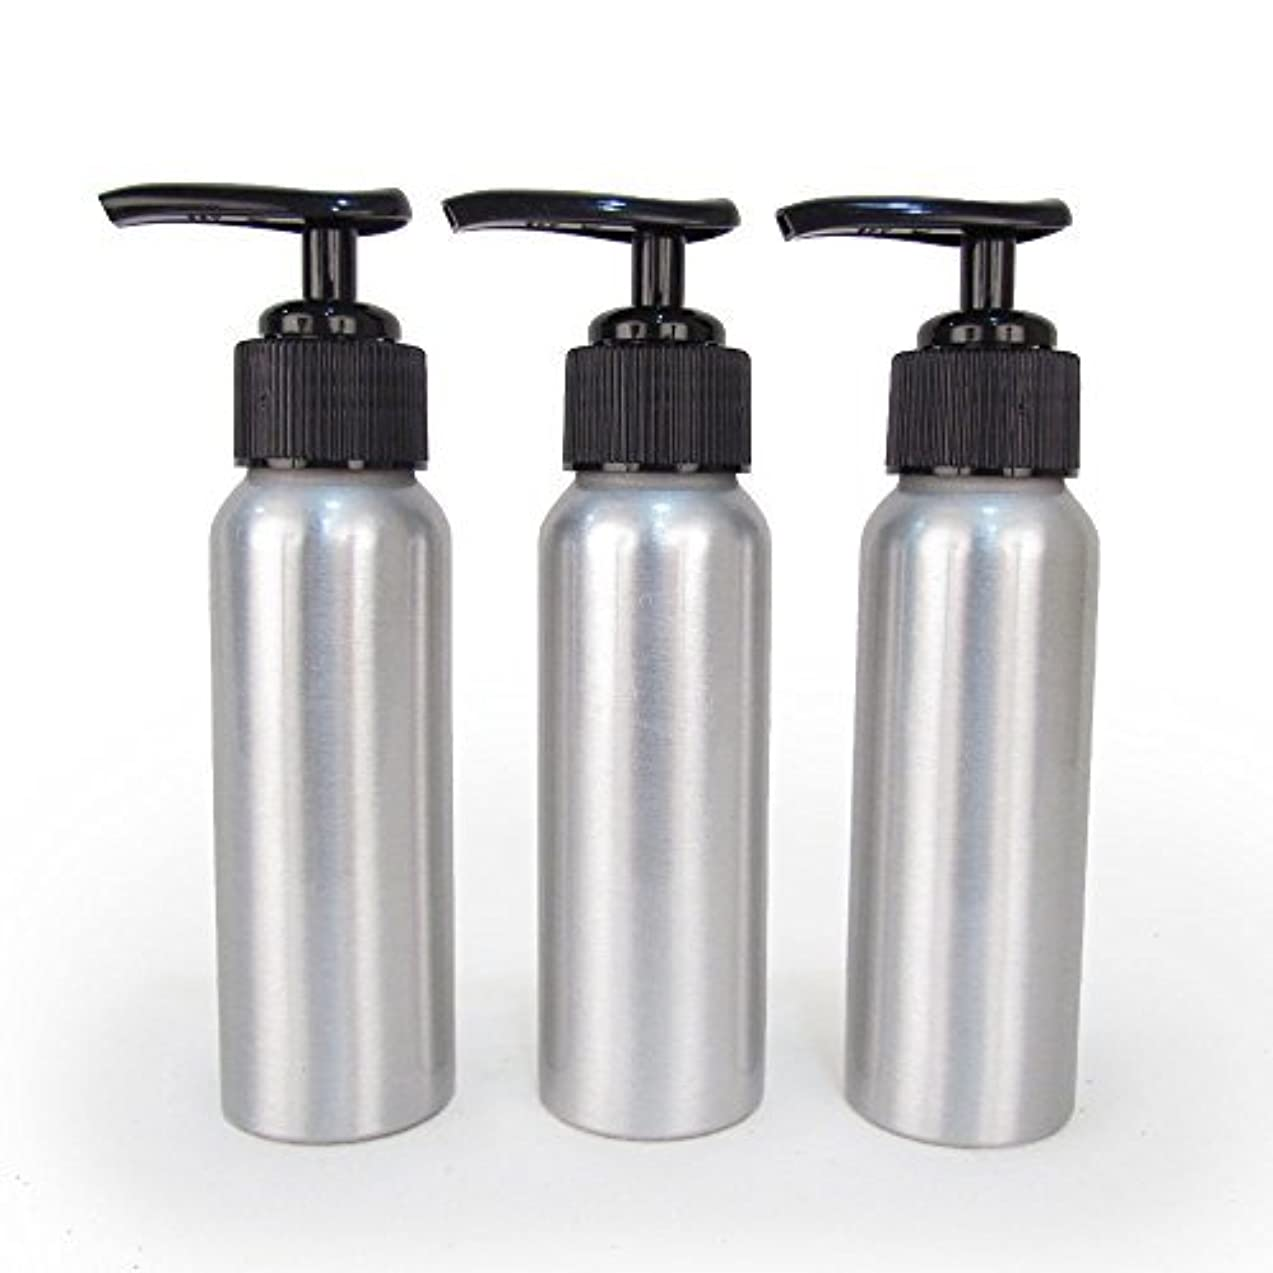 見捨てられた捨てる調和のとれたSet of 3 - Slender Brushed Aluminum 2.7 oz Pump Bottle for Essential Oil Products by Rivertree Life [並行輸入品]